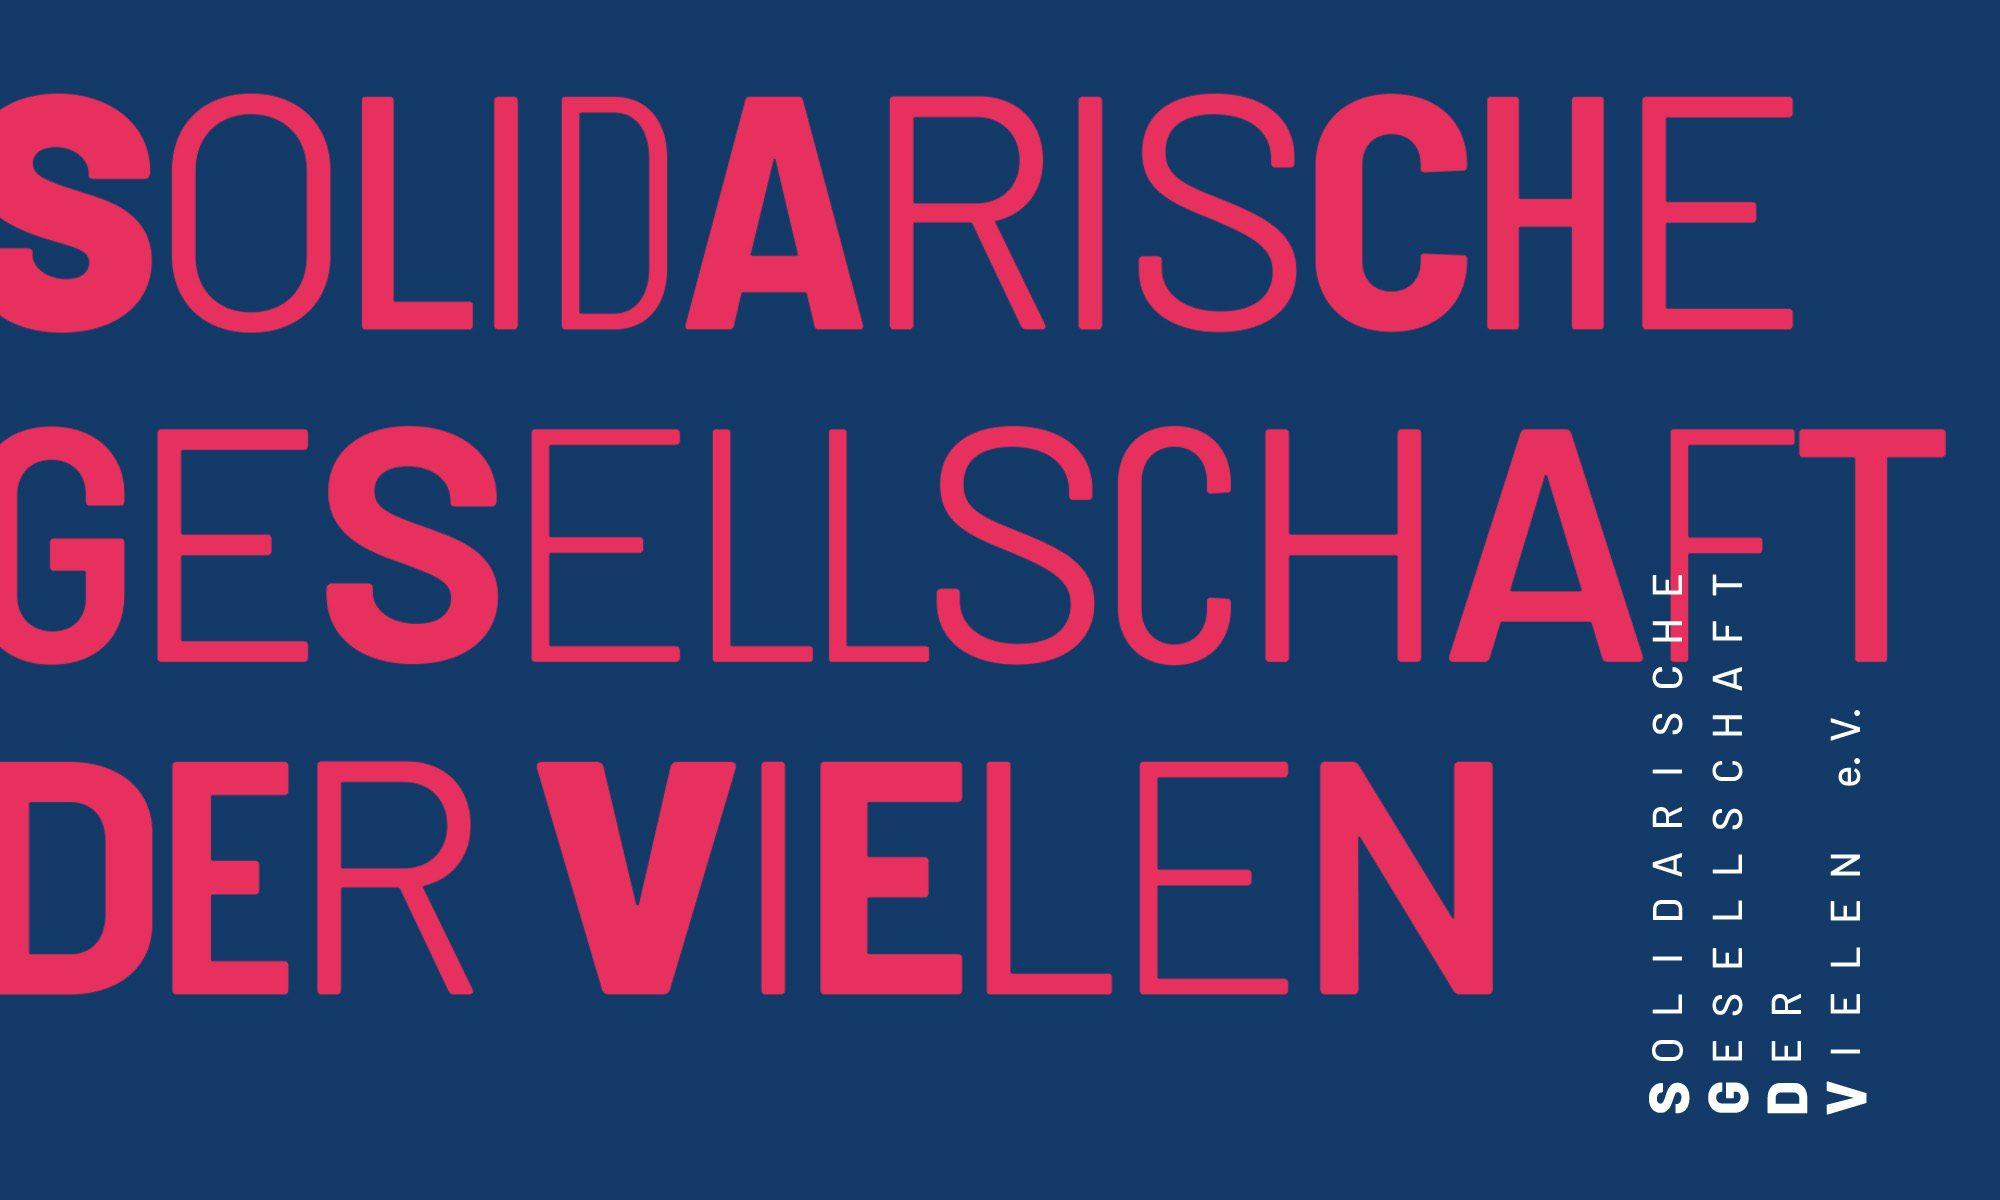 Verein für die solidarische Gesellschaft der Vielen e.V.